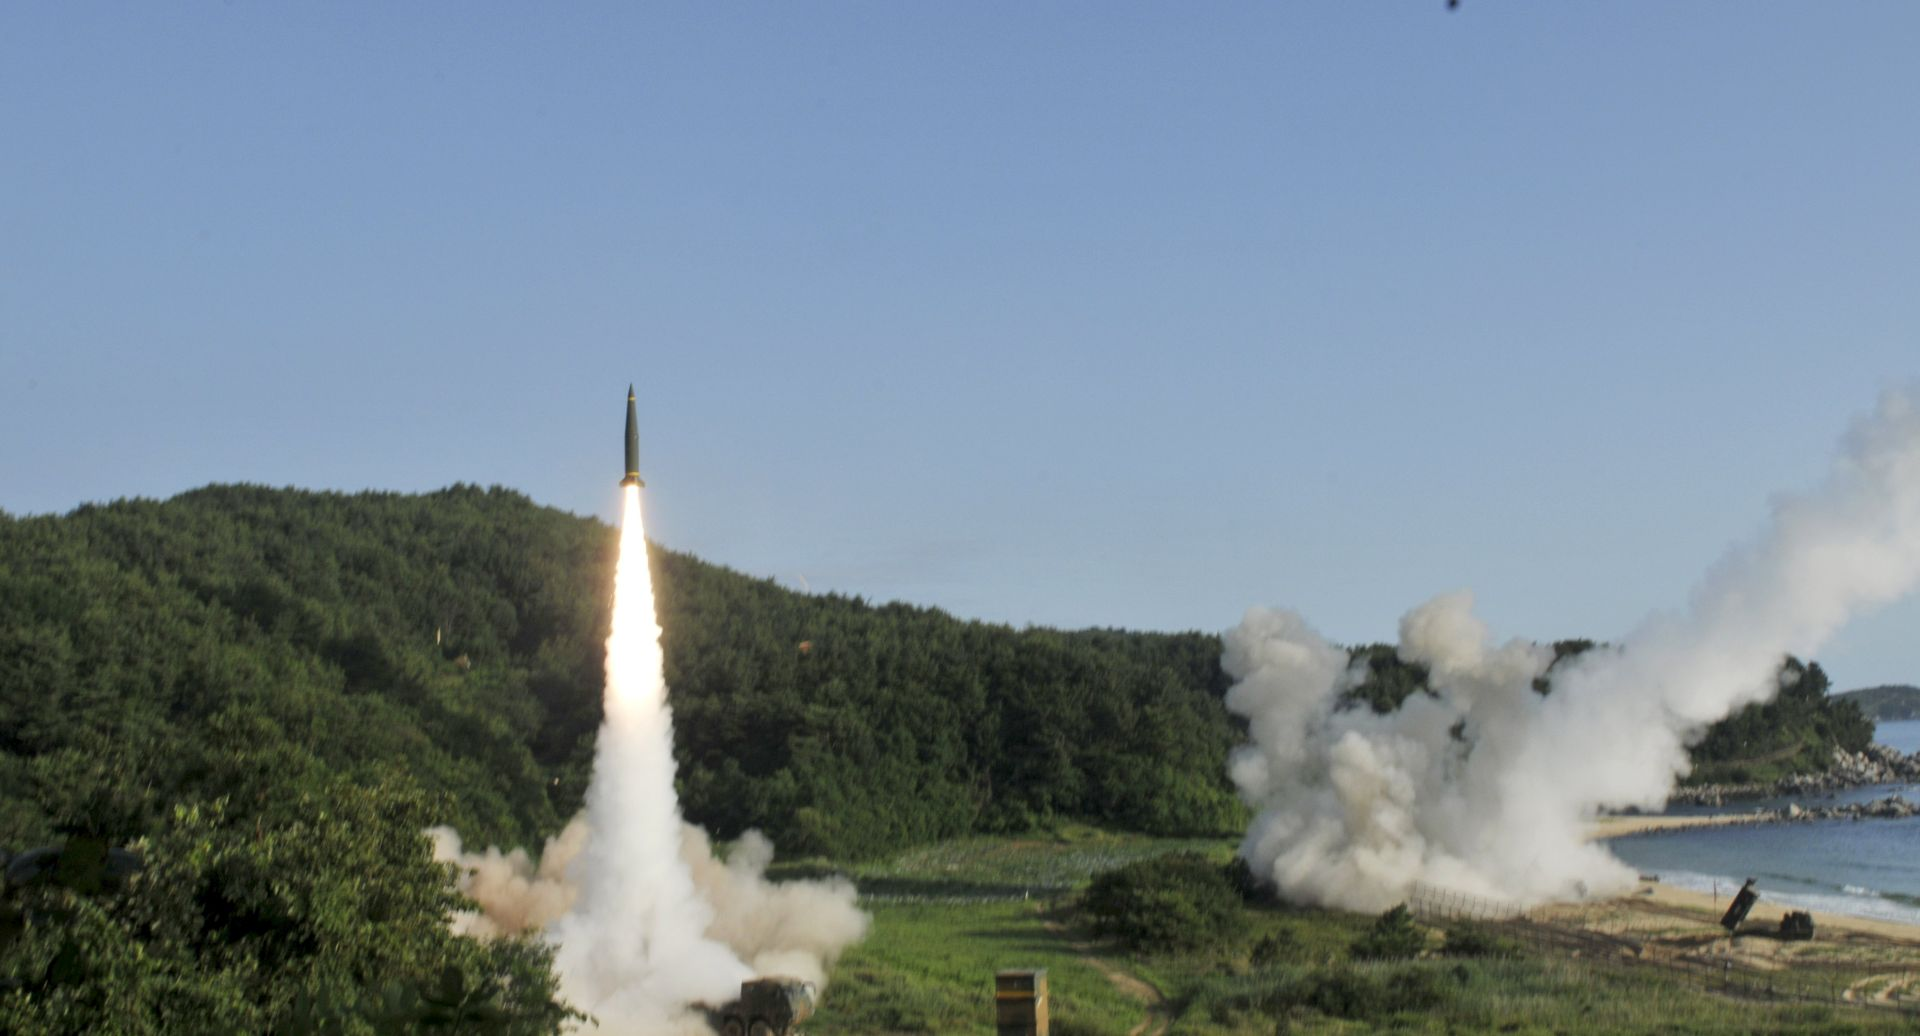 SJEVERNA KOREJA ZAPRIJETILA 'Pokuša li Washington svrgnuti sadašnji režim, izvest ćemo nuklearni napad'